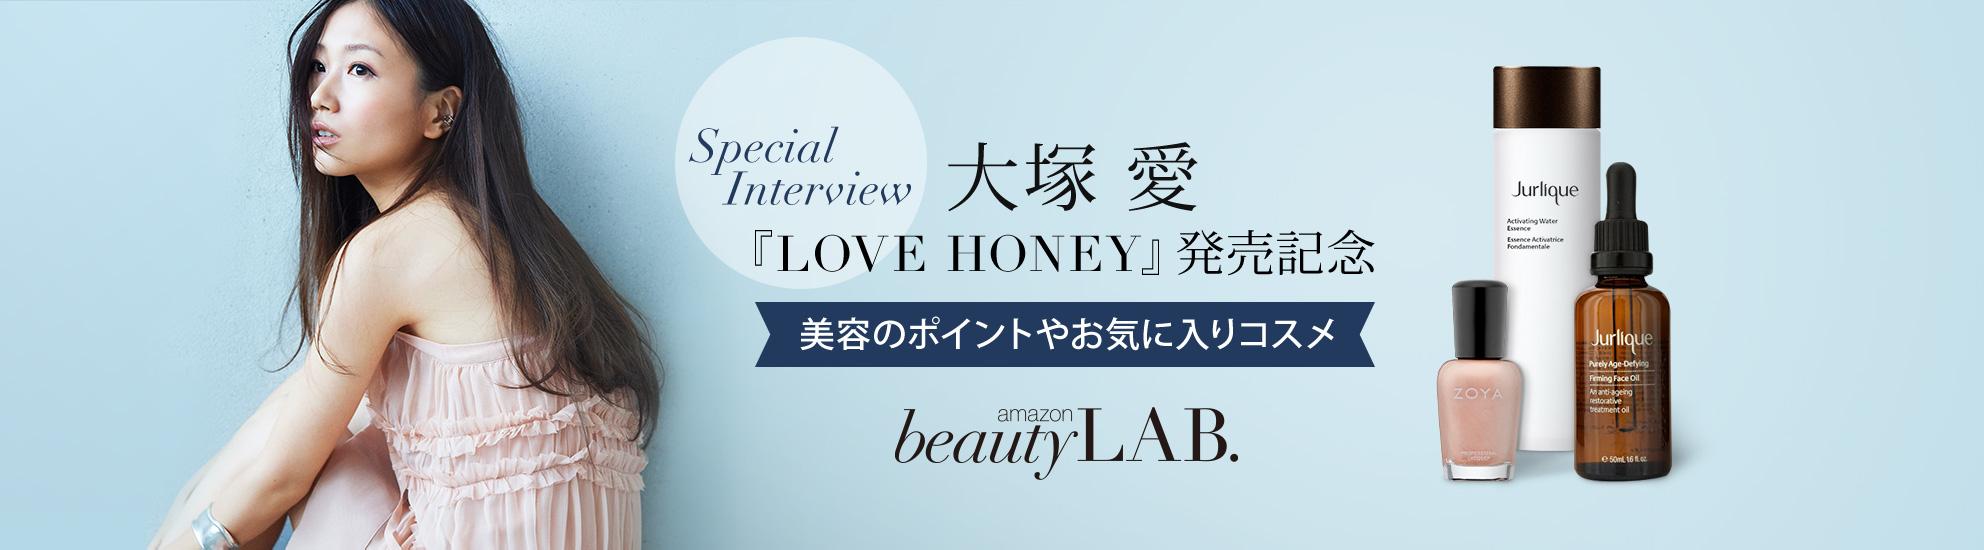 大塚 愛 美容・コスメについてのスペシャルインタビュー!